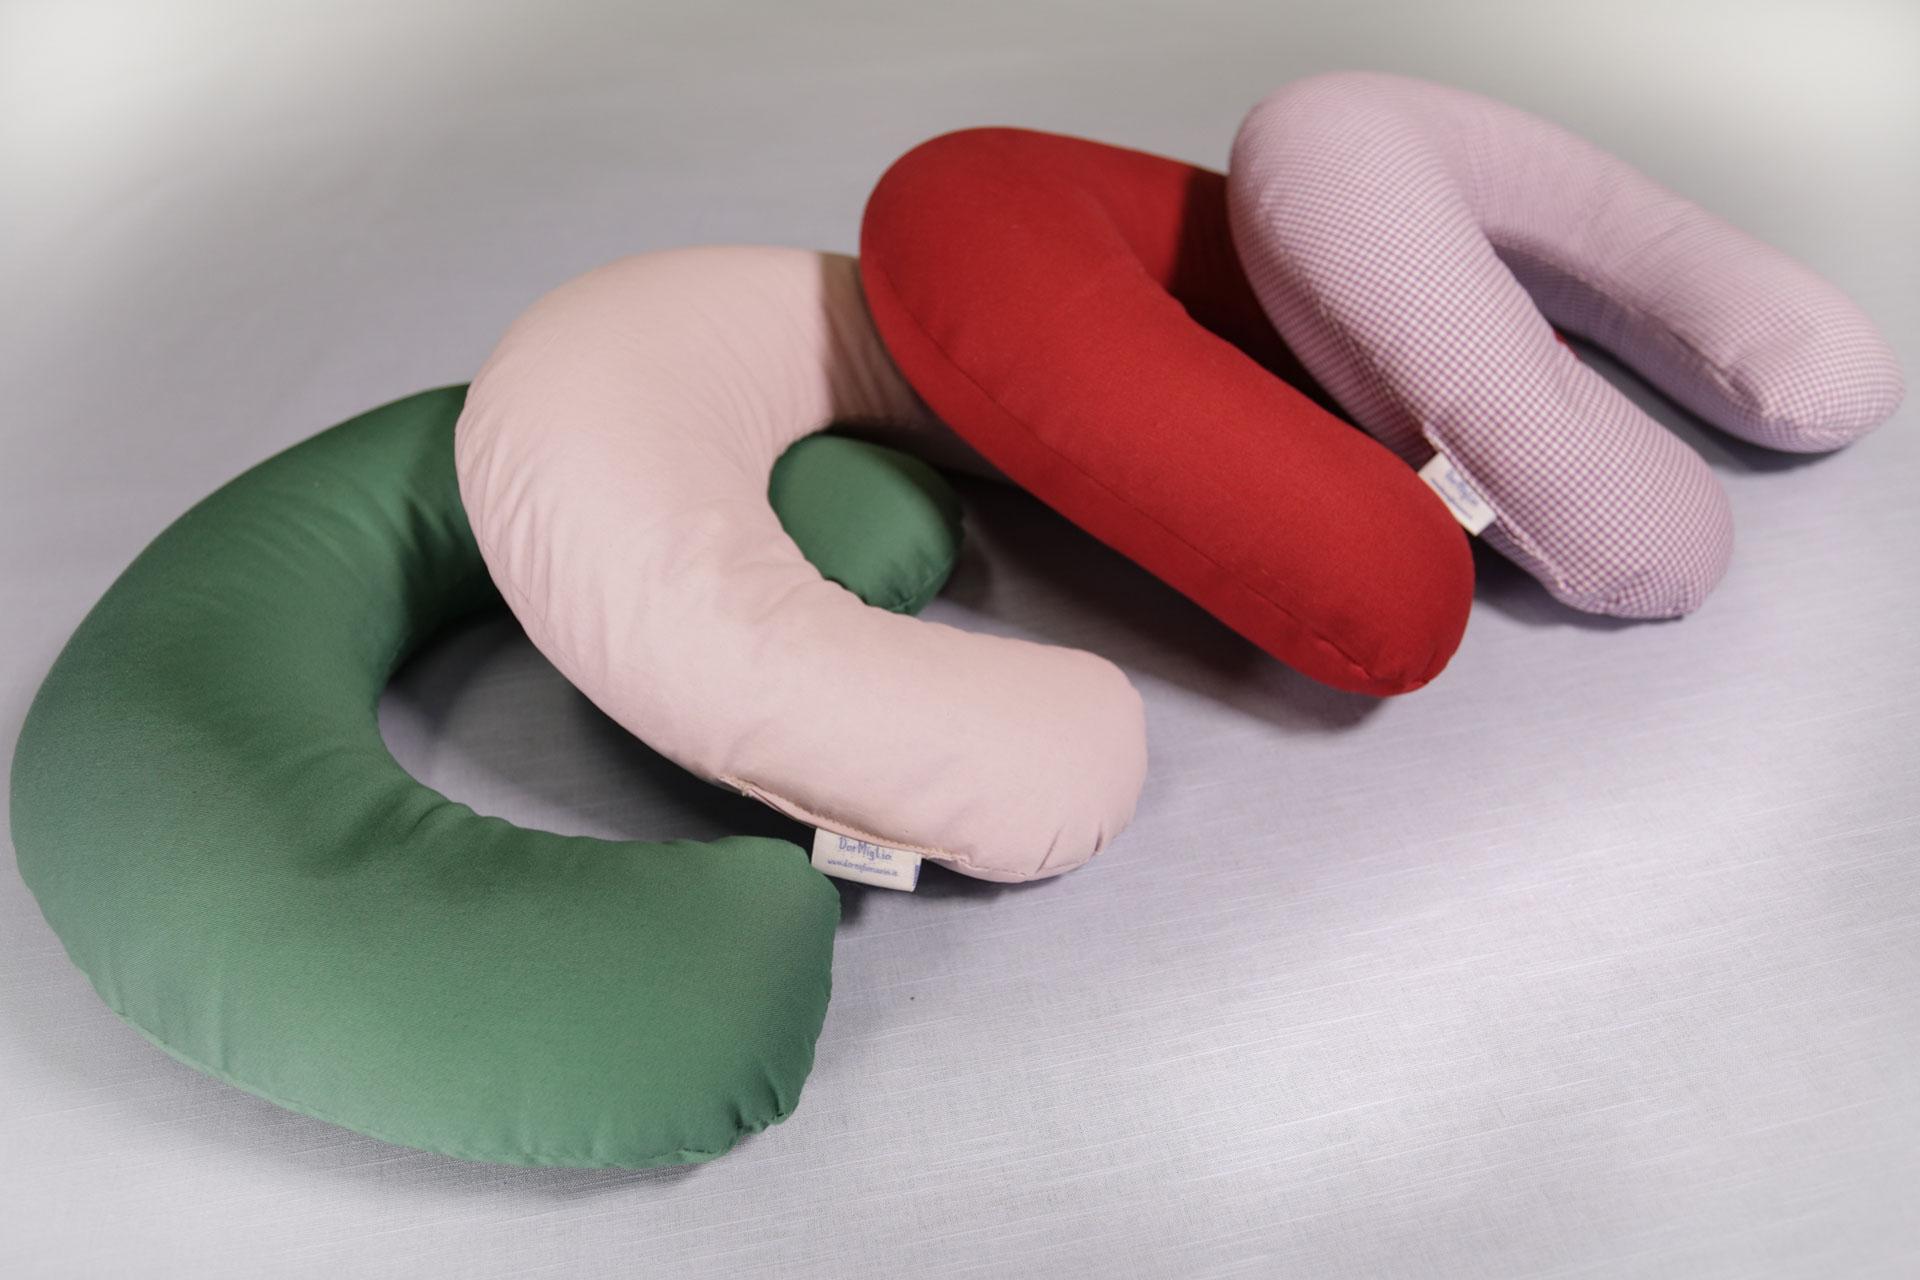 Cuscino Al Miglio Per Cervicale.Benessere Quotidiano Dormiglio Cuscini